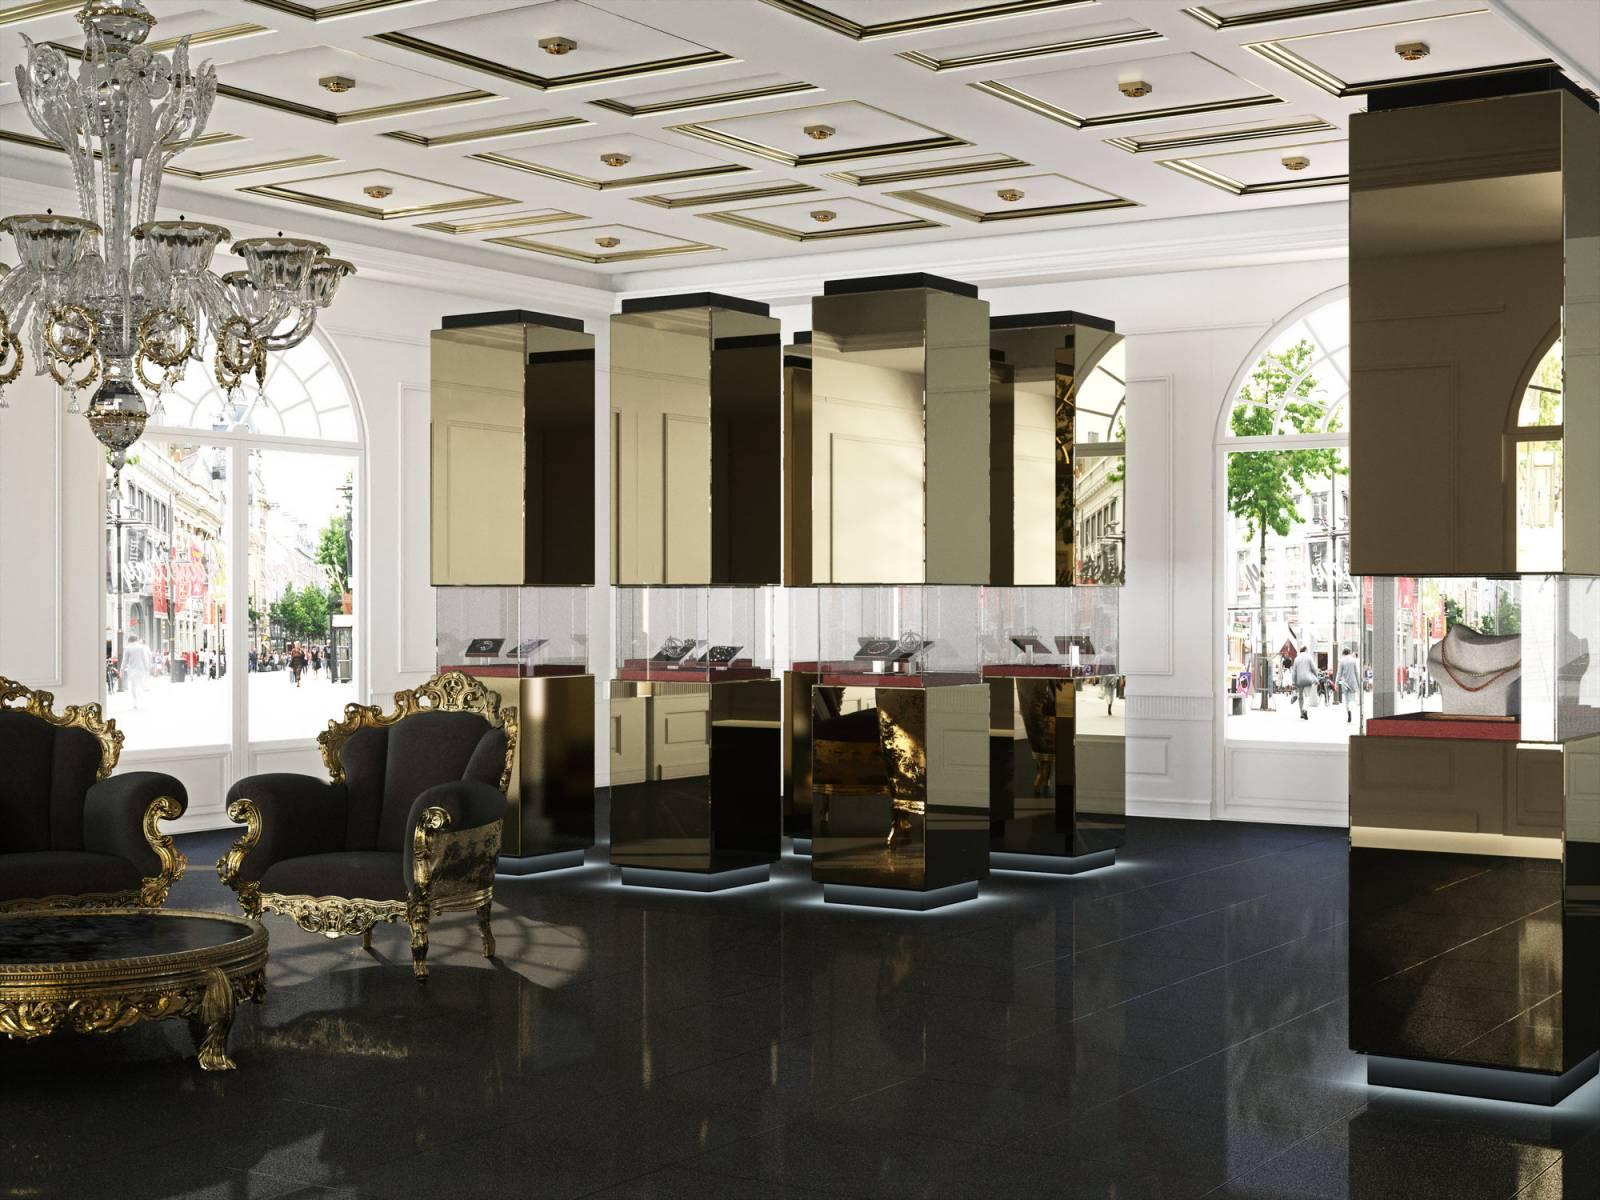 carrelage effet miroir noir ou bleu nuit jacou 34 y0 vente de carrelage imitation ciment et. Black Bedroom Furniture Sets. Home Design Ideas